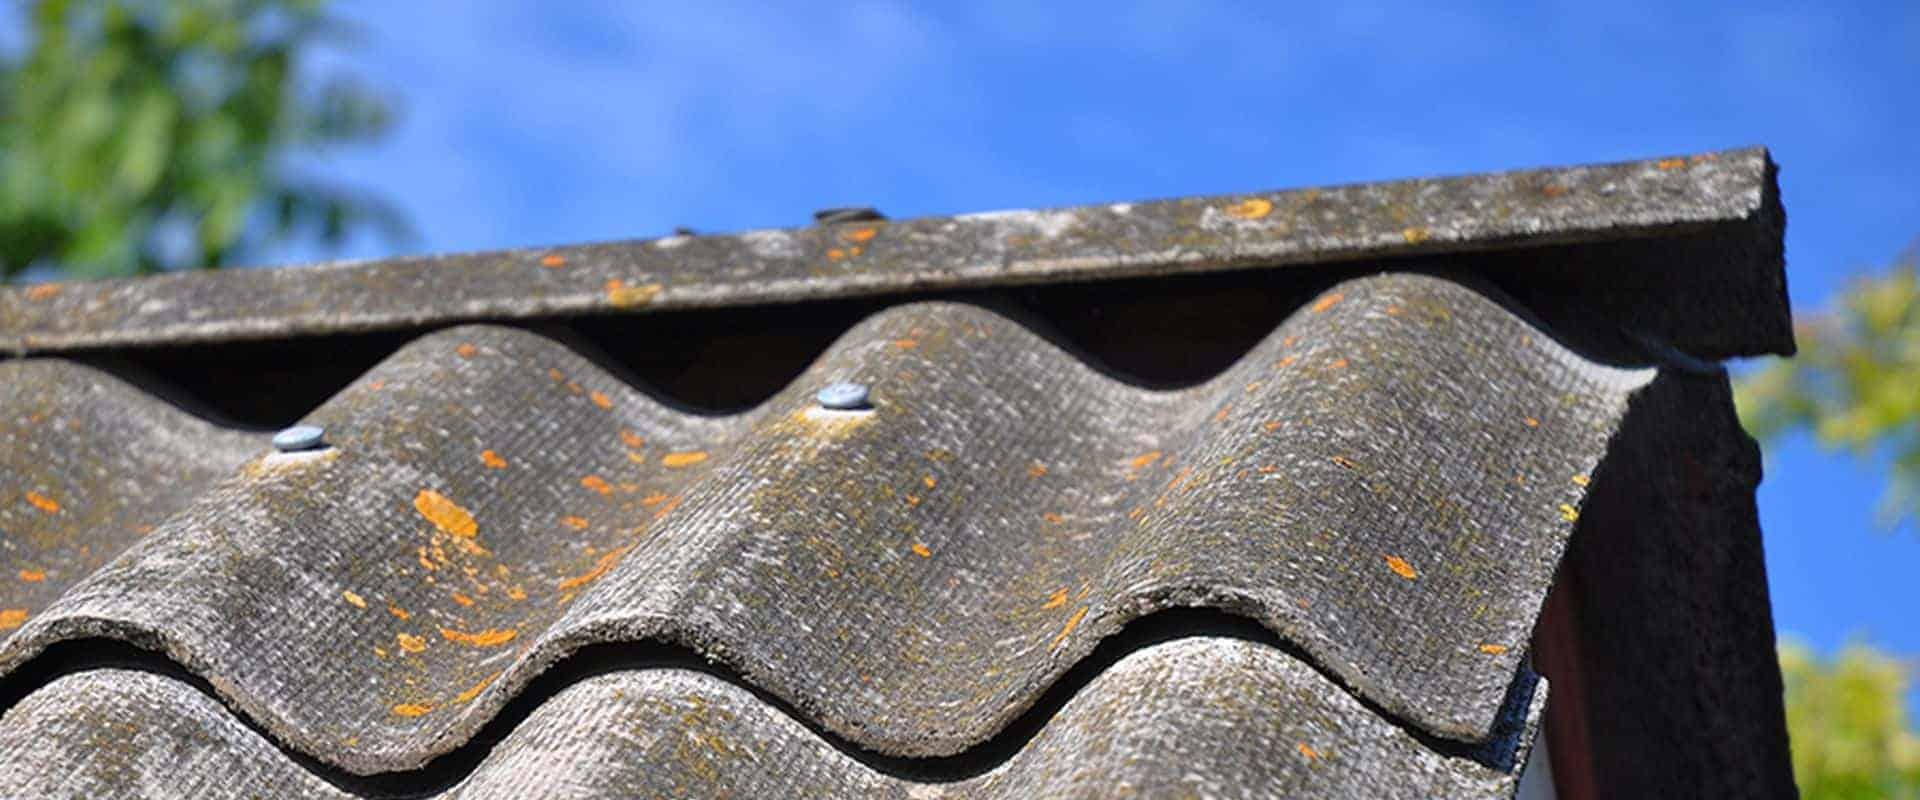 Asbestos Awareness Course - Asbestos Roof Tiles